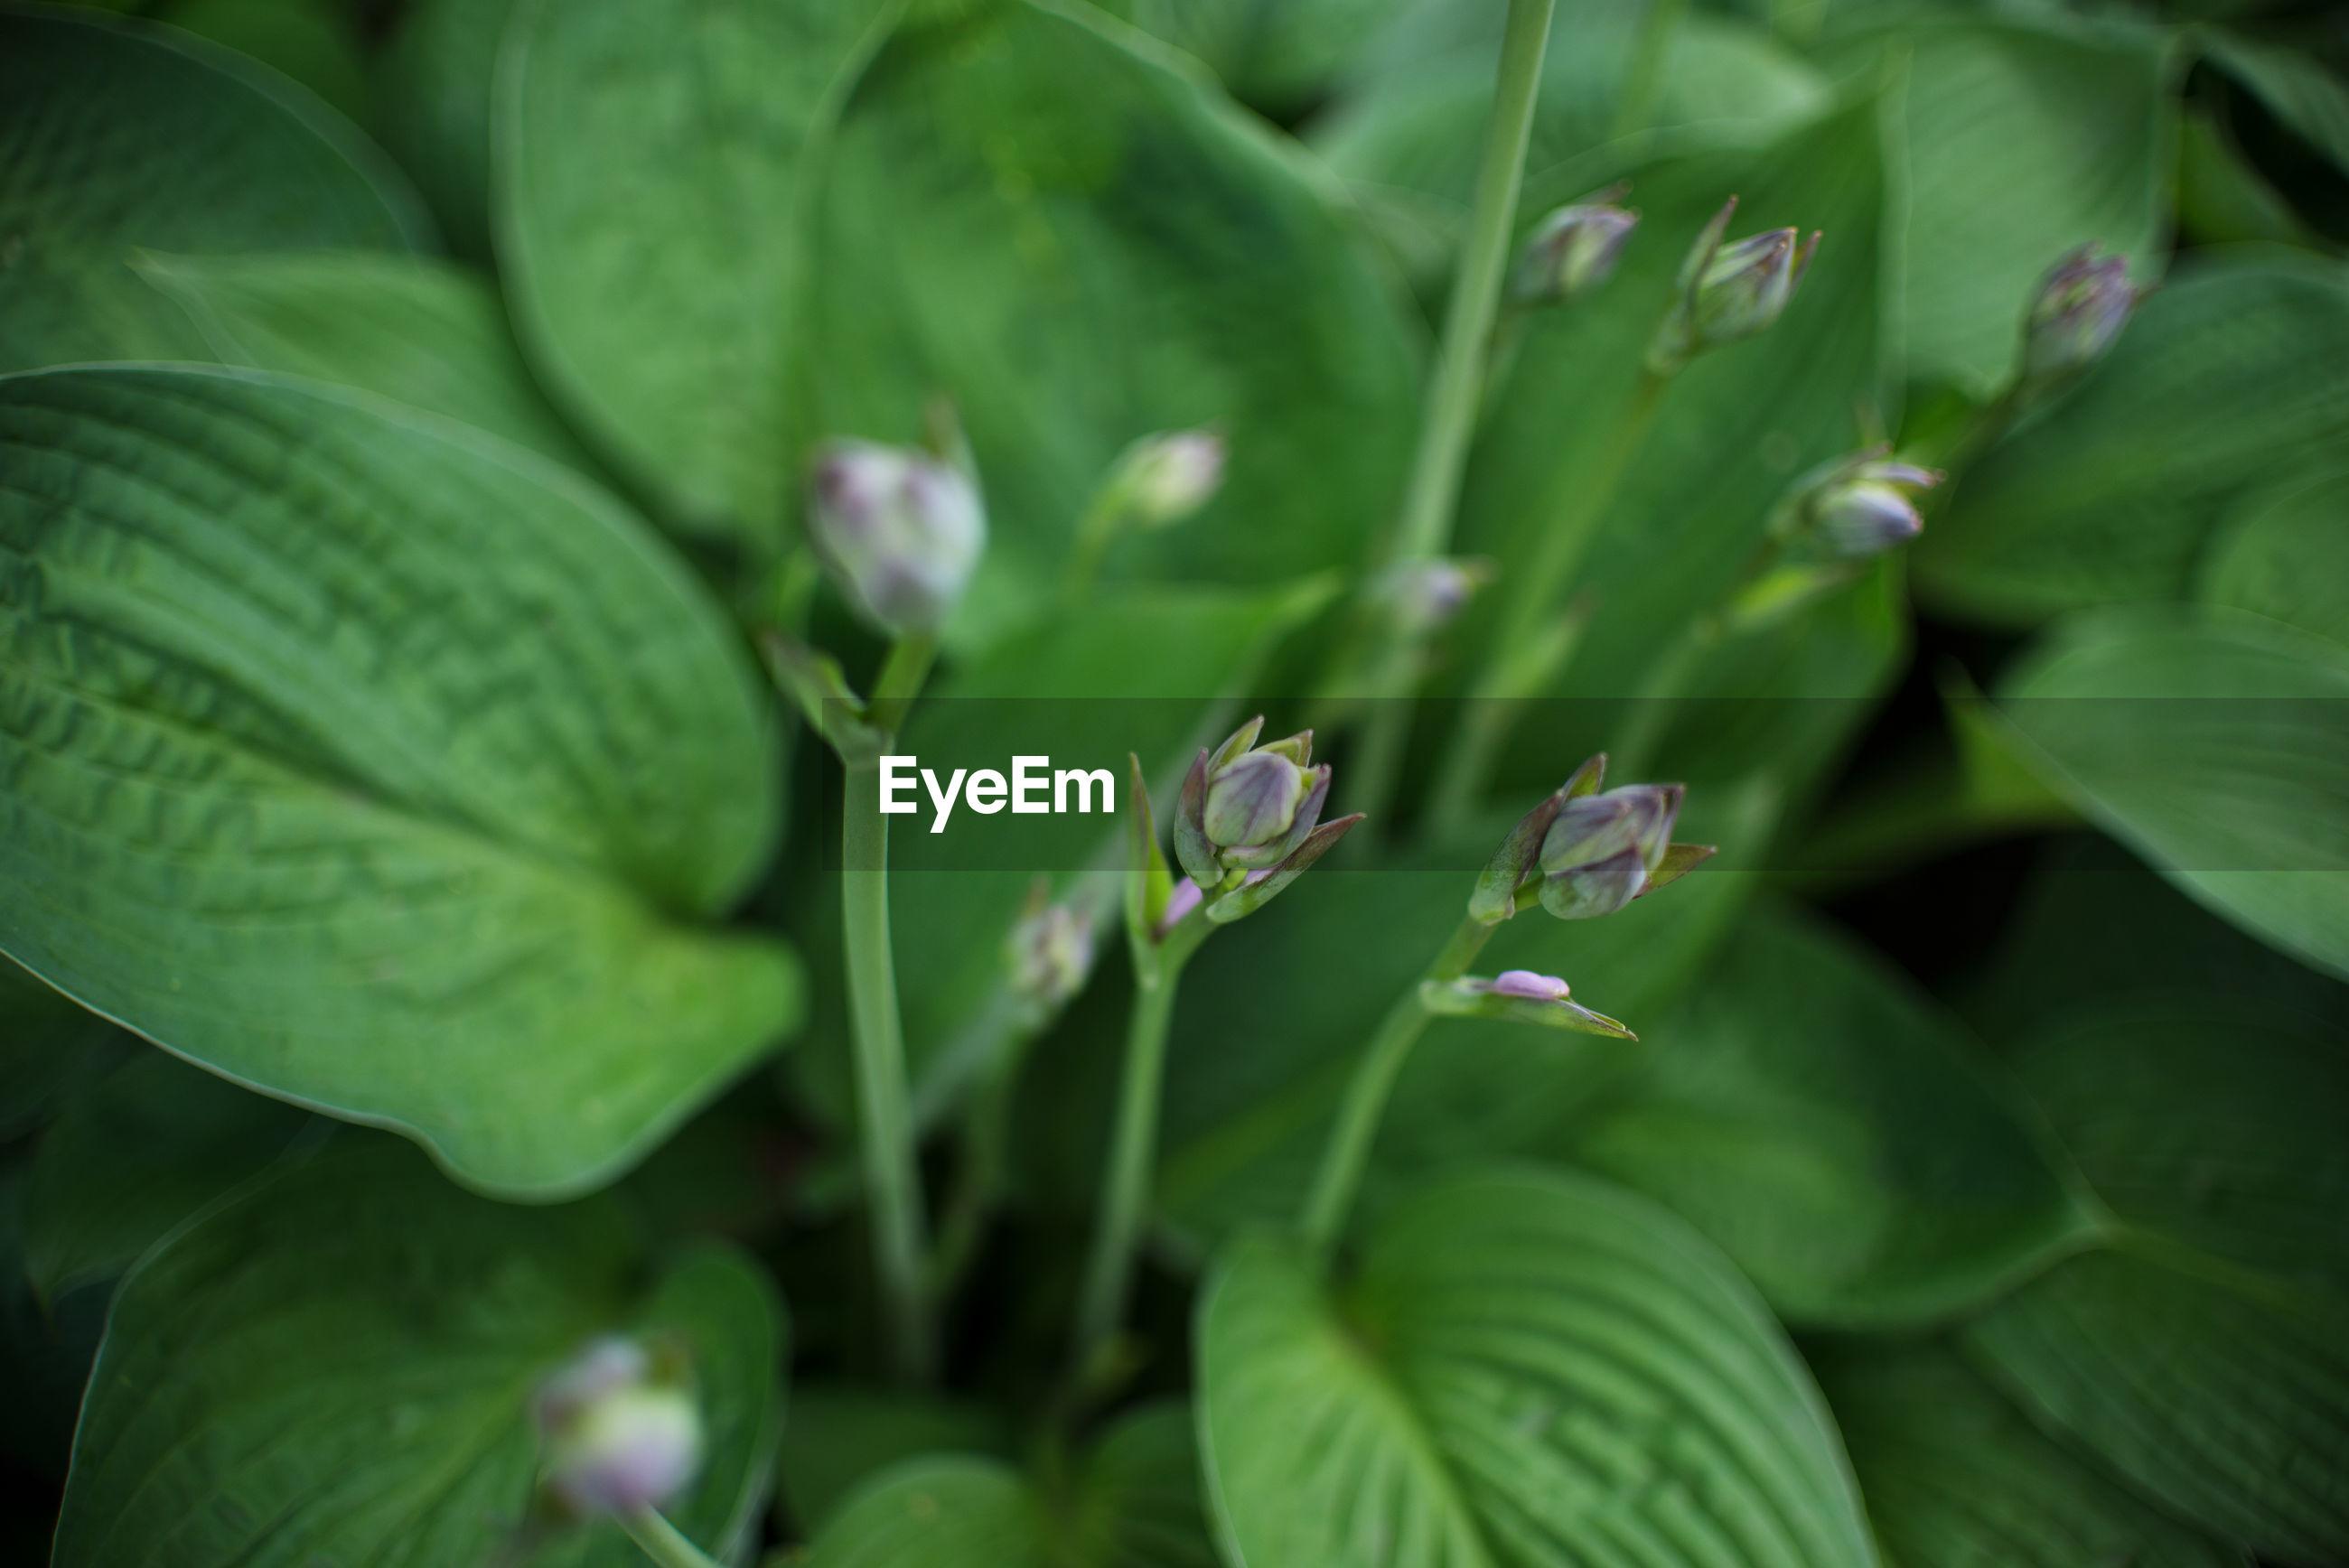 FULL FRAME SHOT OF FRESH GREEN PLANT LEAVES